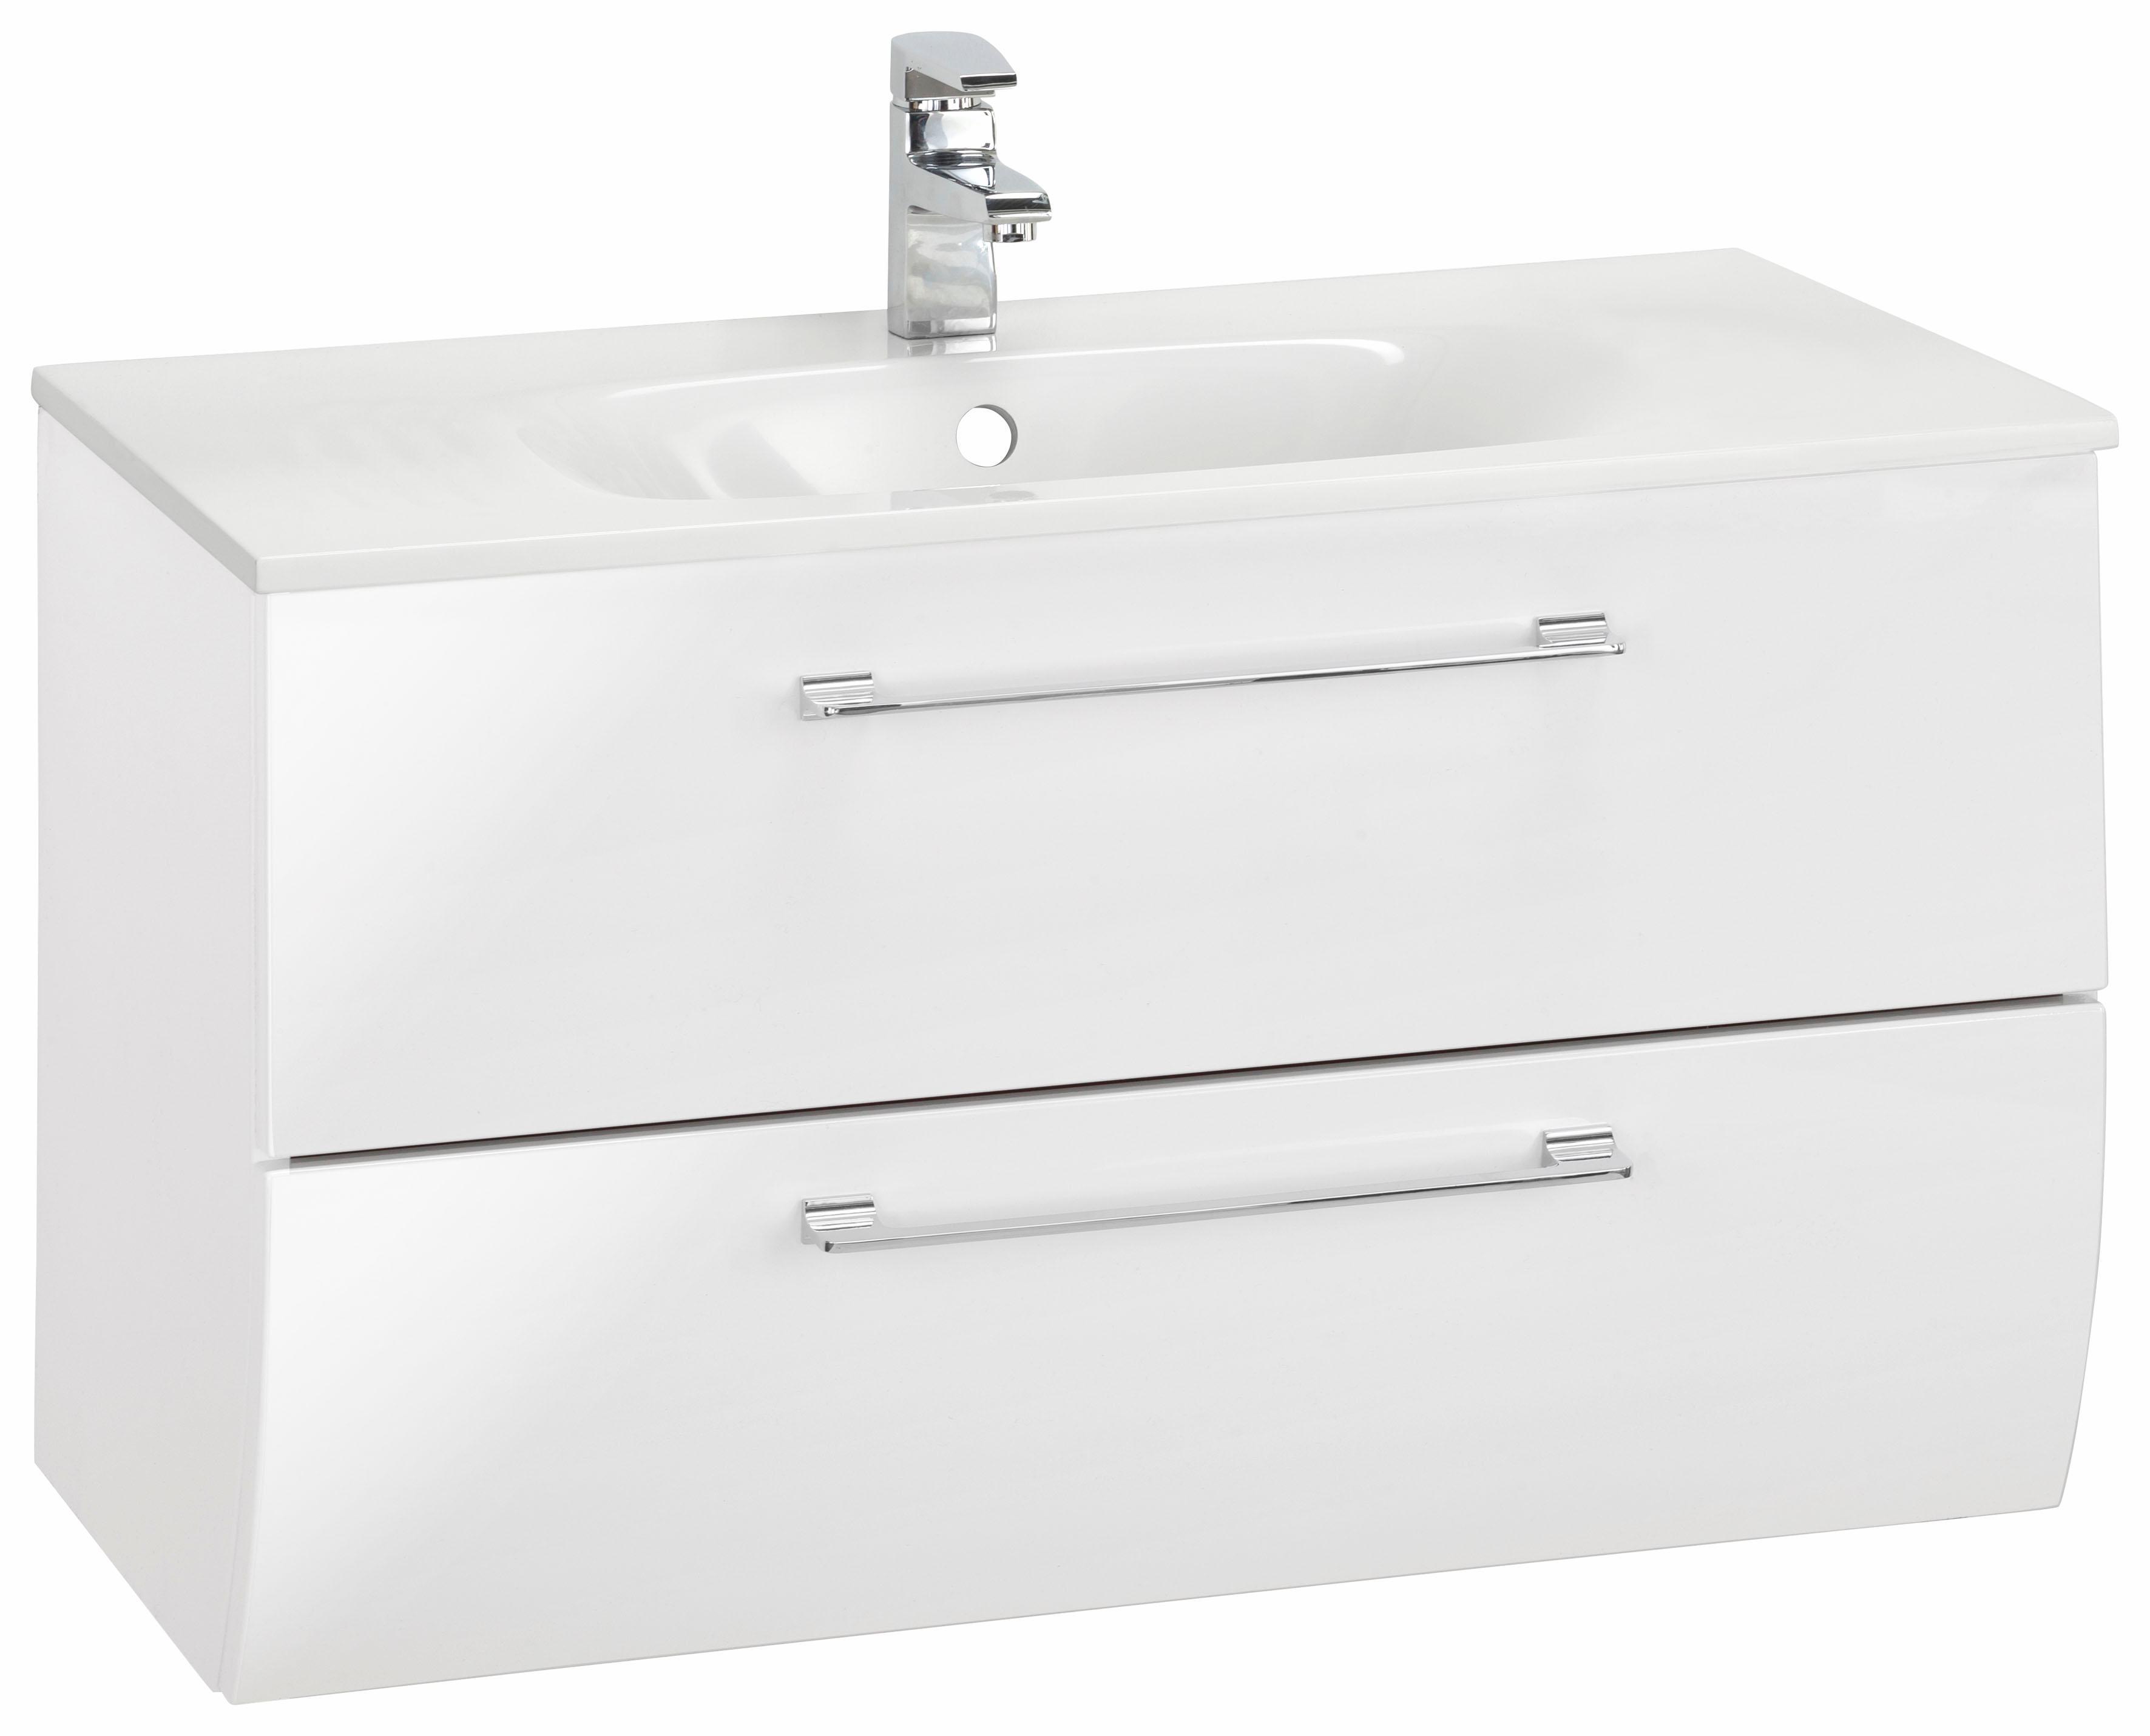 MARLIN Waschtisch, Sola 3130 weiß Waschtische Badmöbel